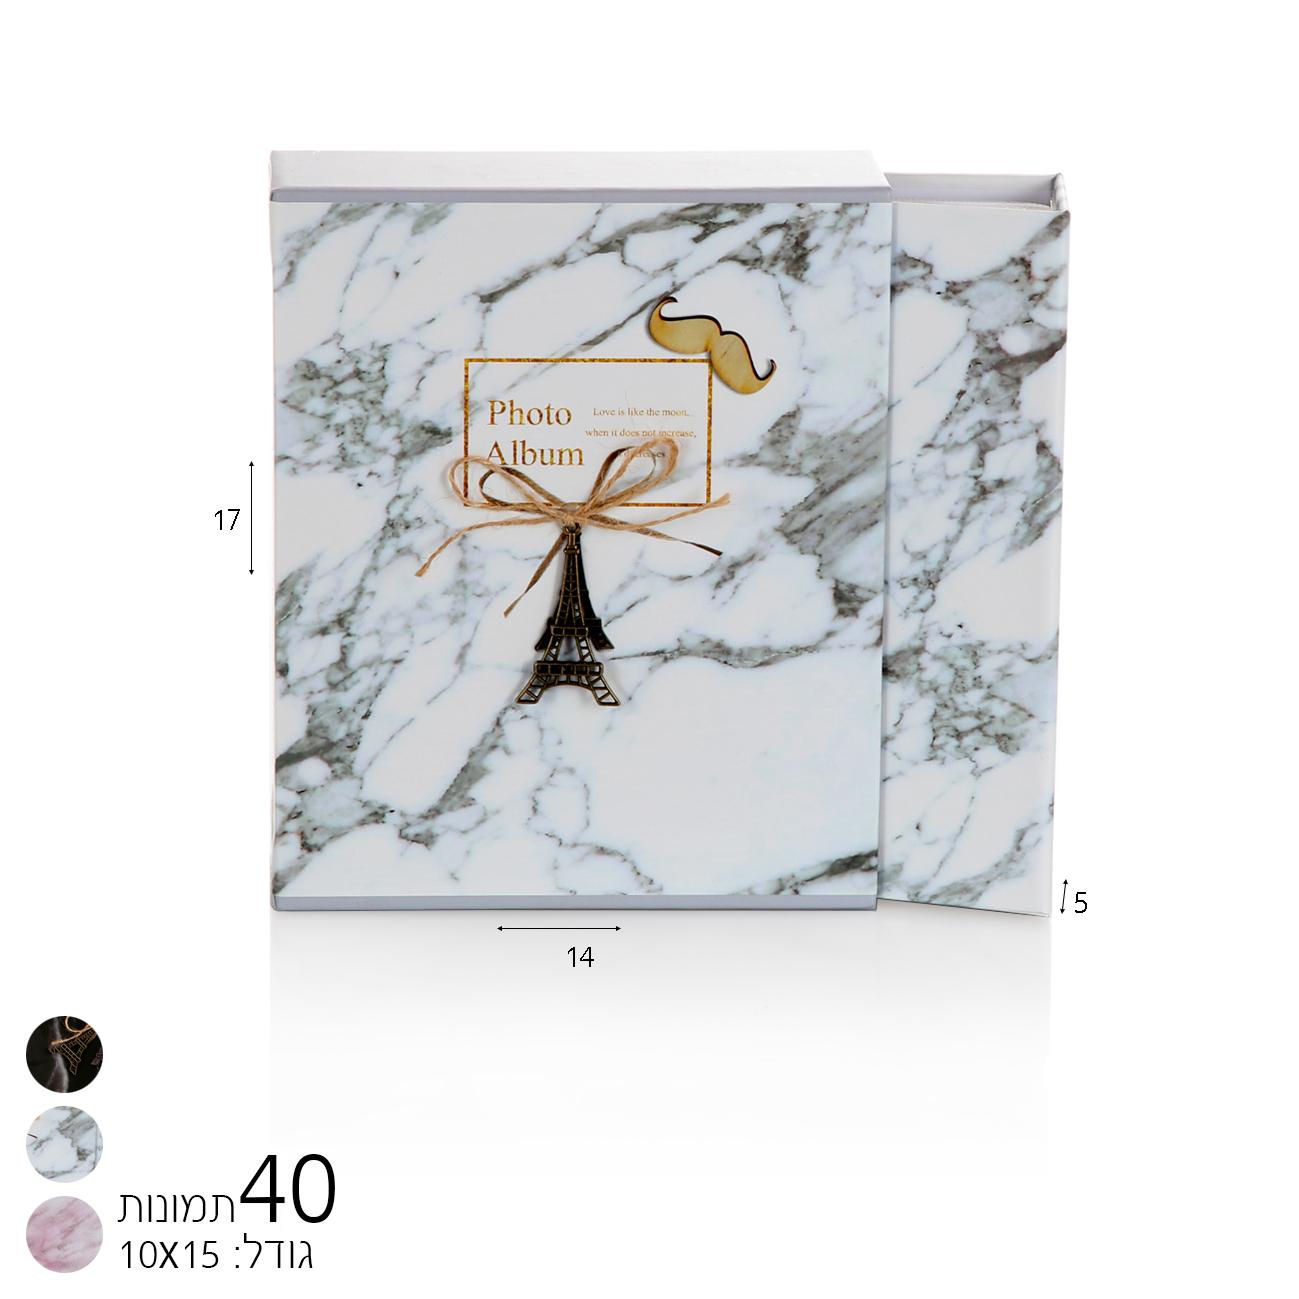 אלבום תמונות 40 מגדל אייפל